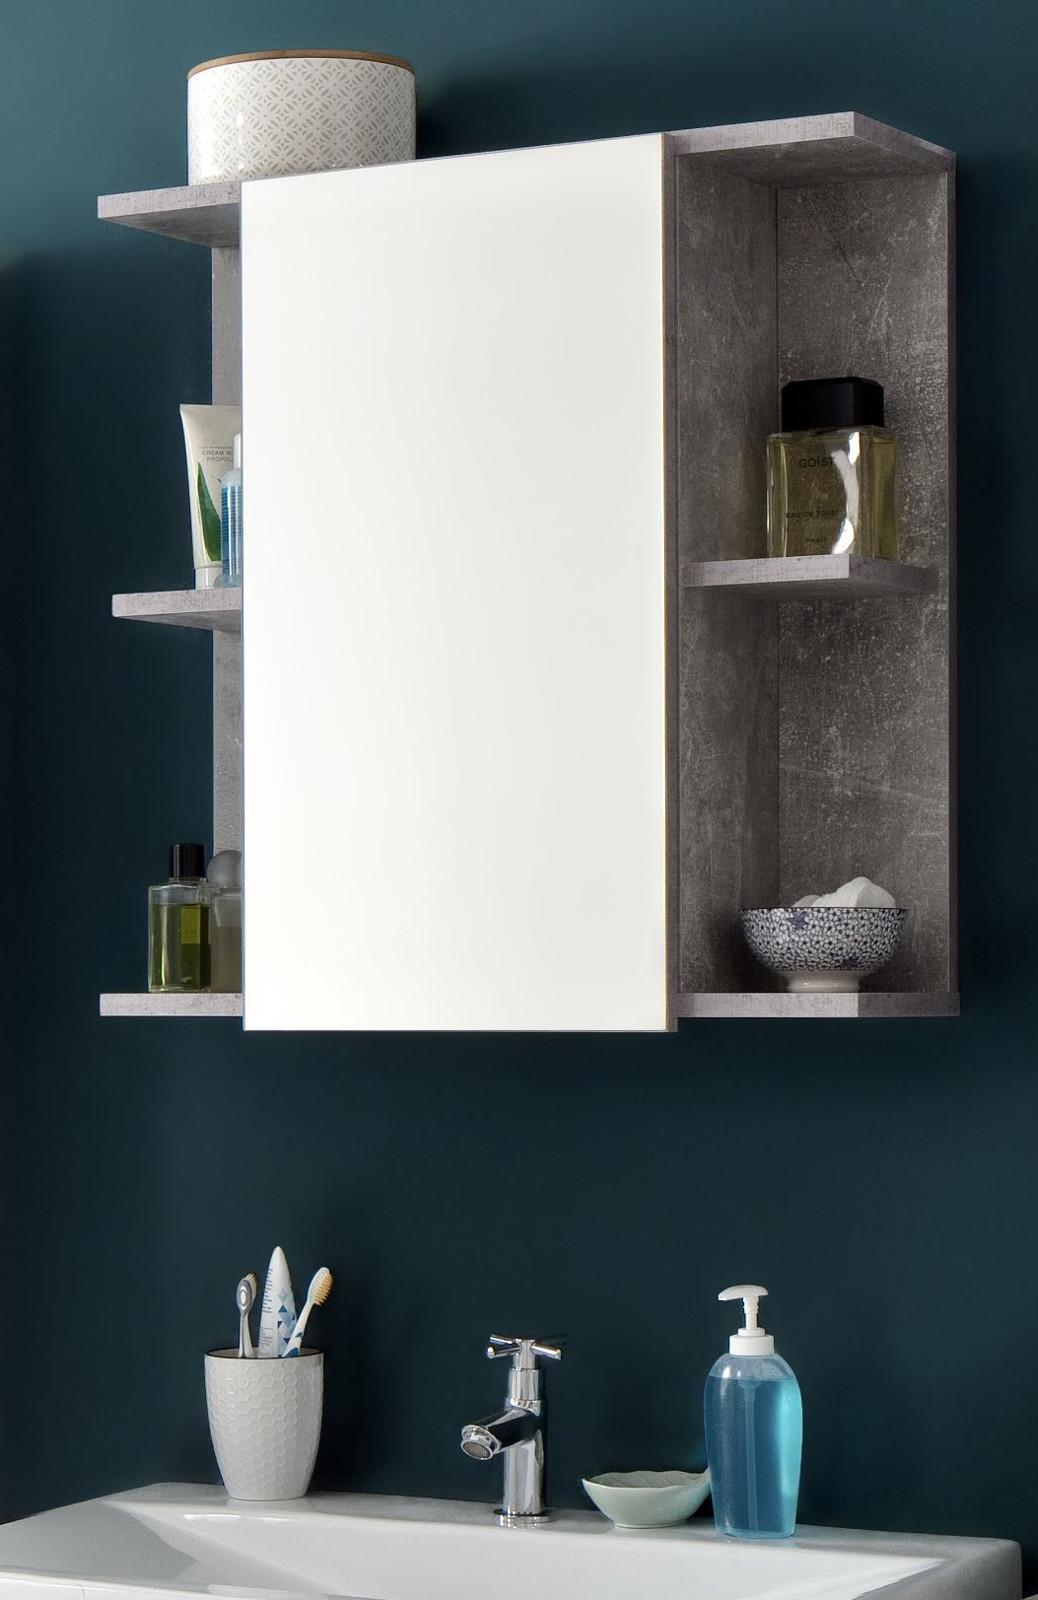 Bad spiegelschrank nano wei hochglanz und stone grau for Design bad spiegelschrank